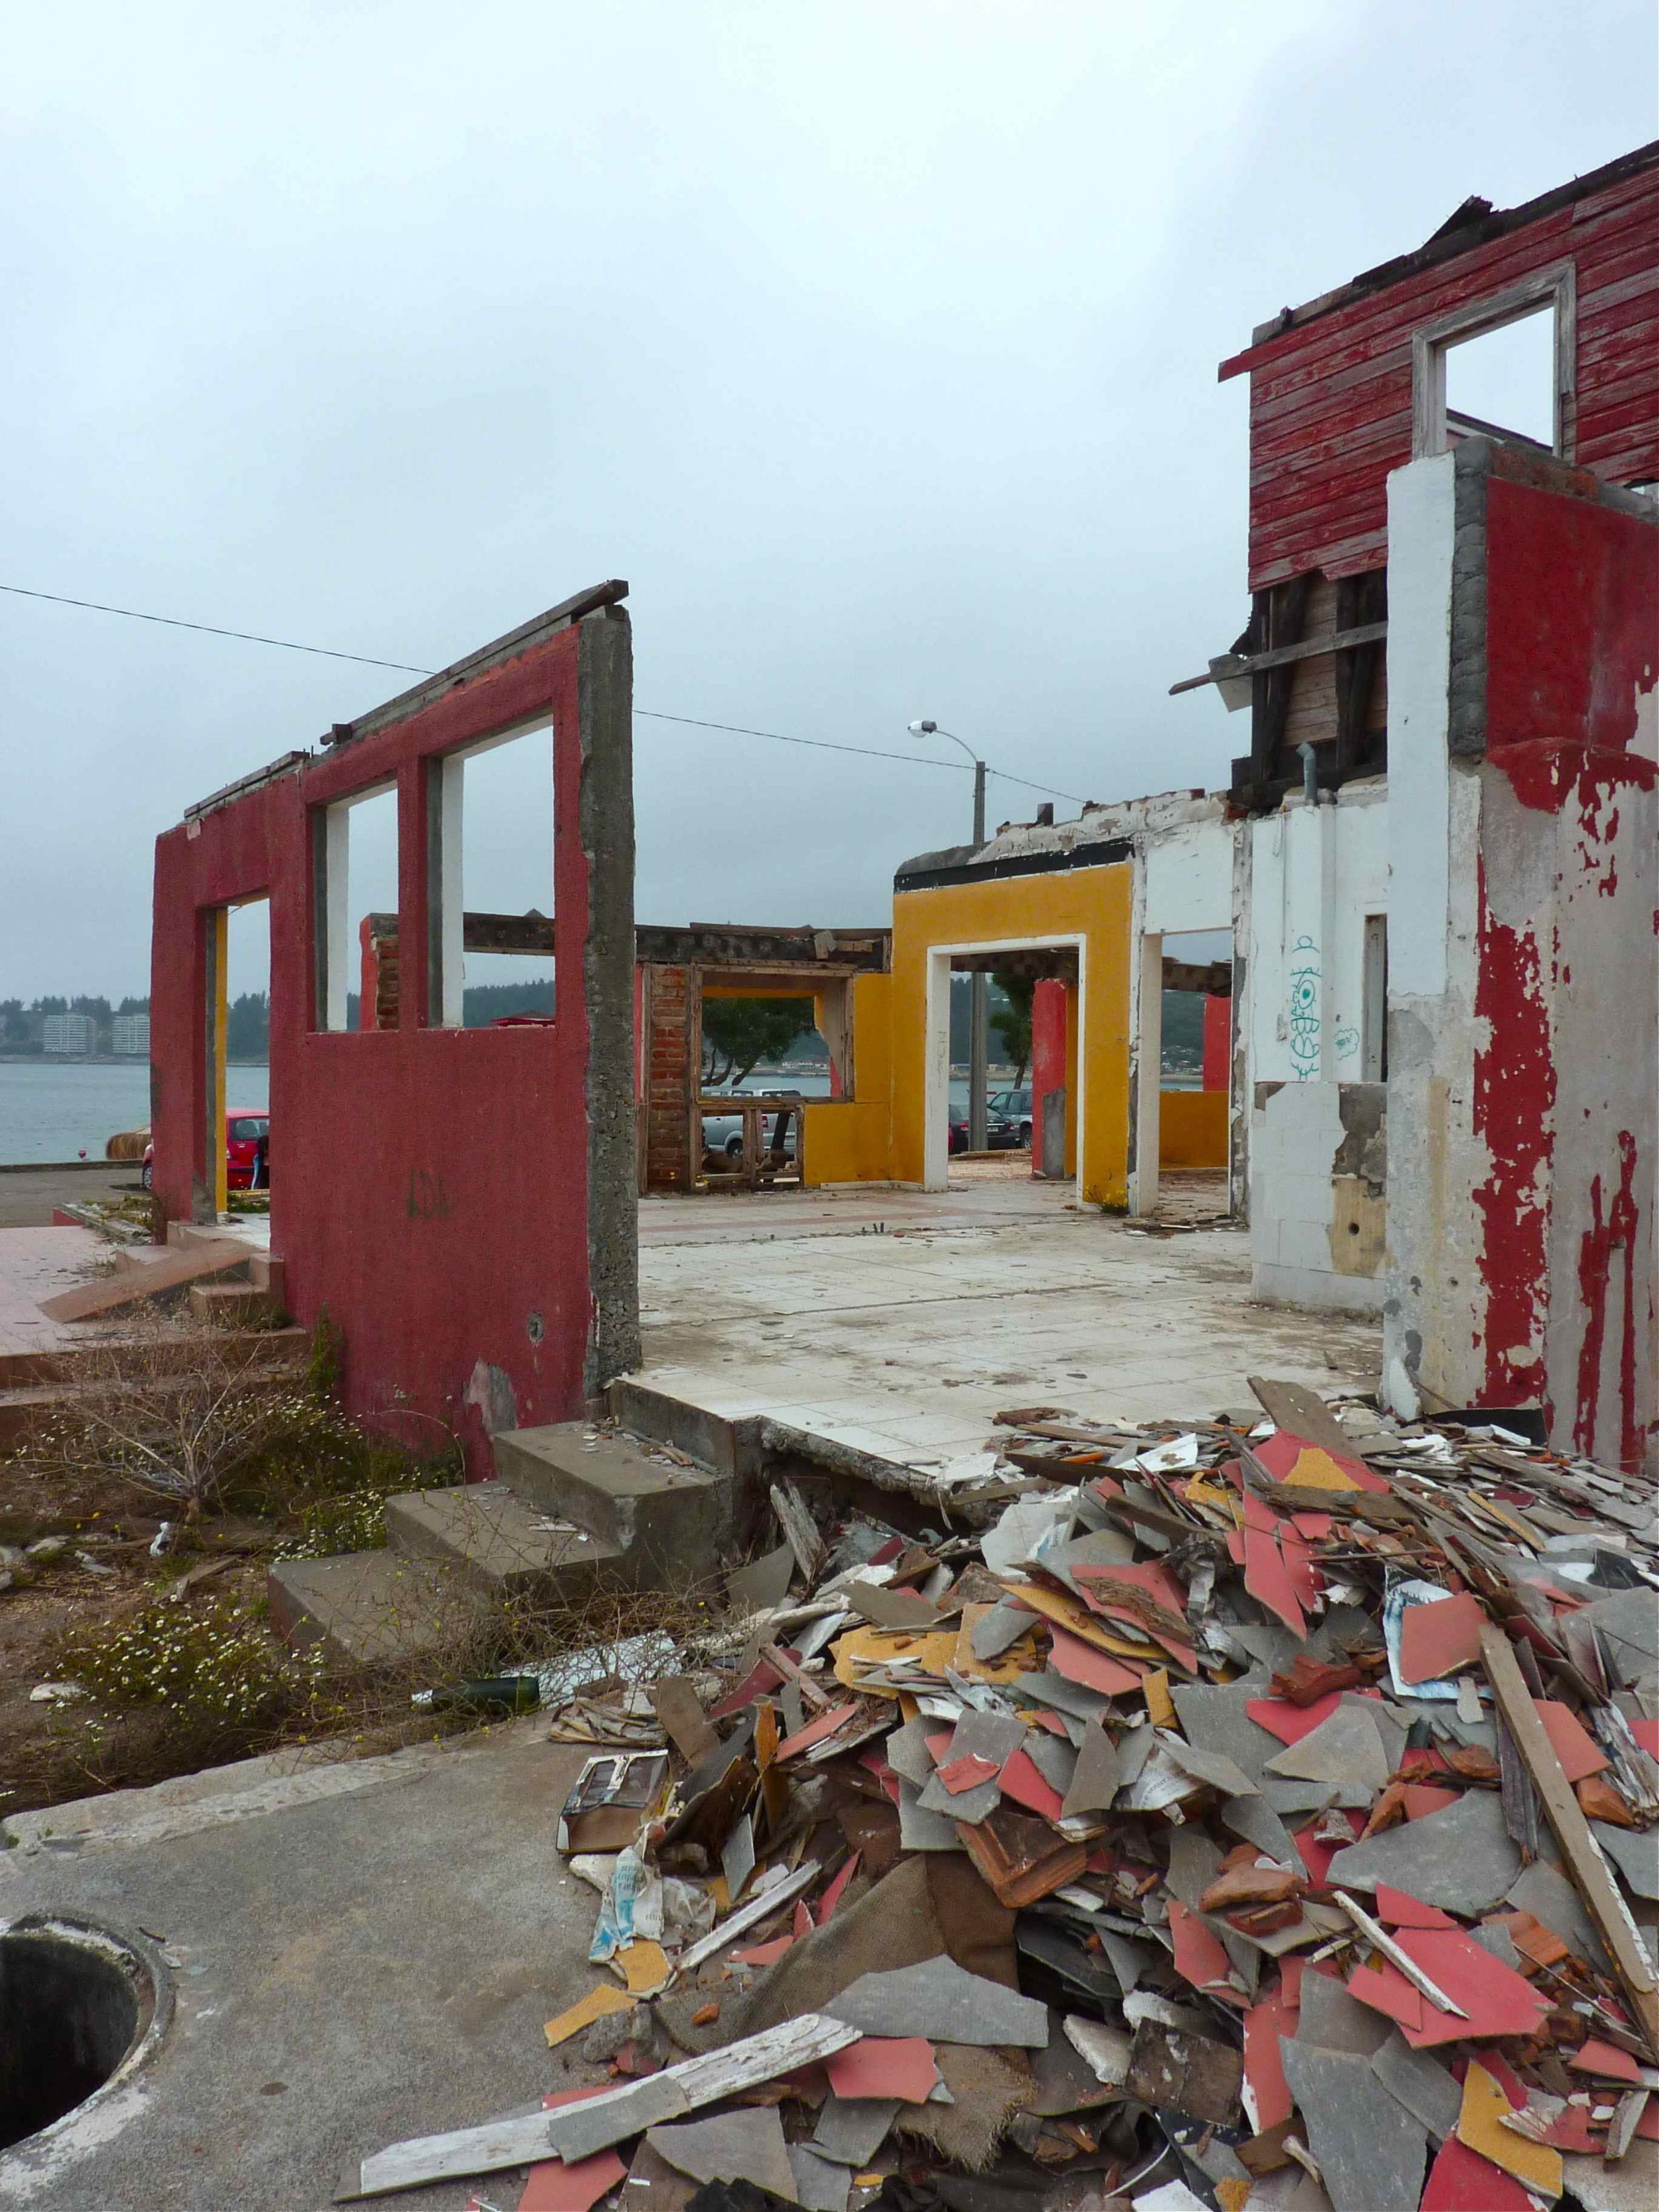 Dichato : Estação balneária situada a 44 km ao norte de Concepcion, sofreu danos durante um dos terremotos mais devastadores do país que aconteceu em 27 de fevereiro de 2010.